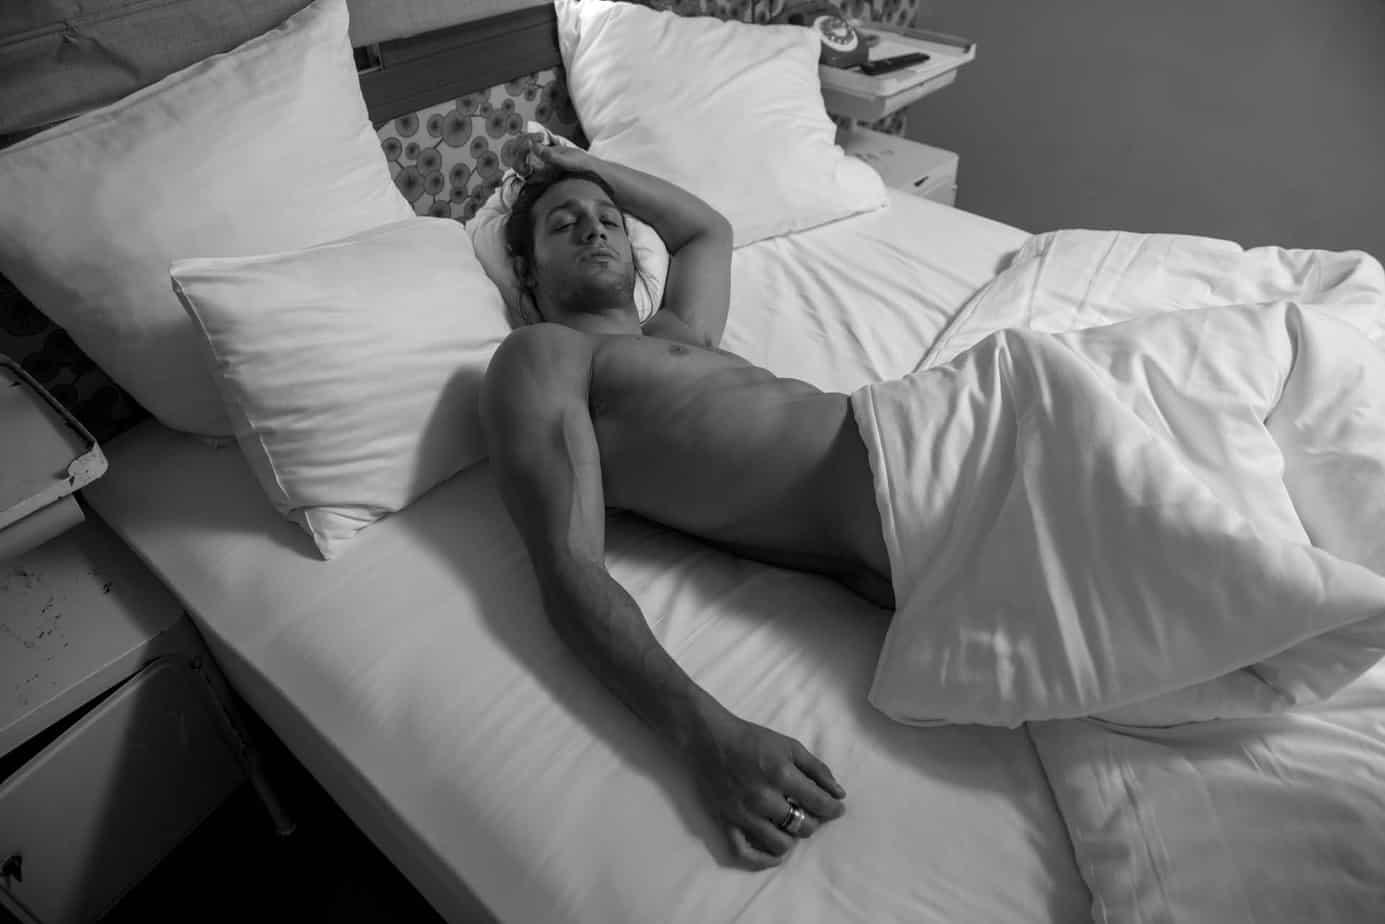 אסף גורן האח הגדול, אסף גורן בעירום, צילום מני פל - 9